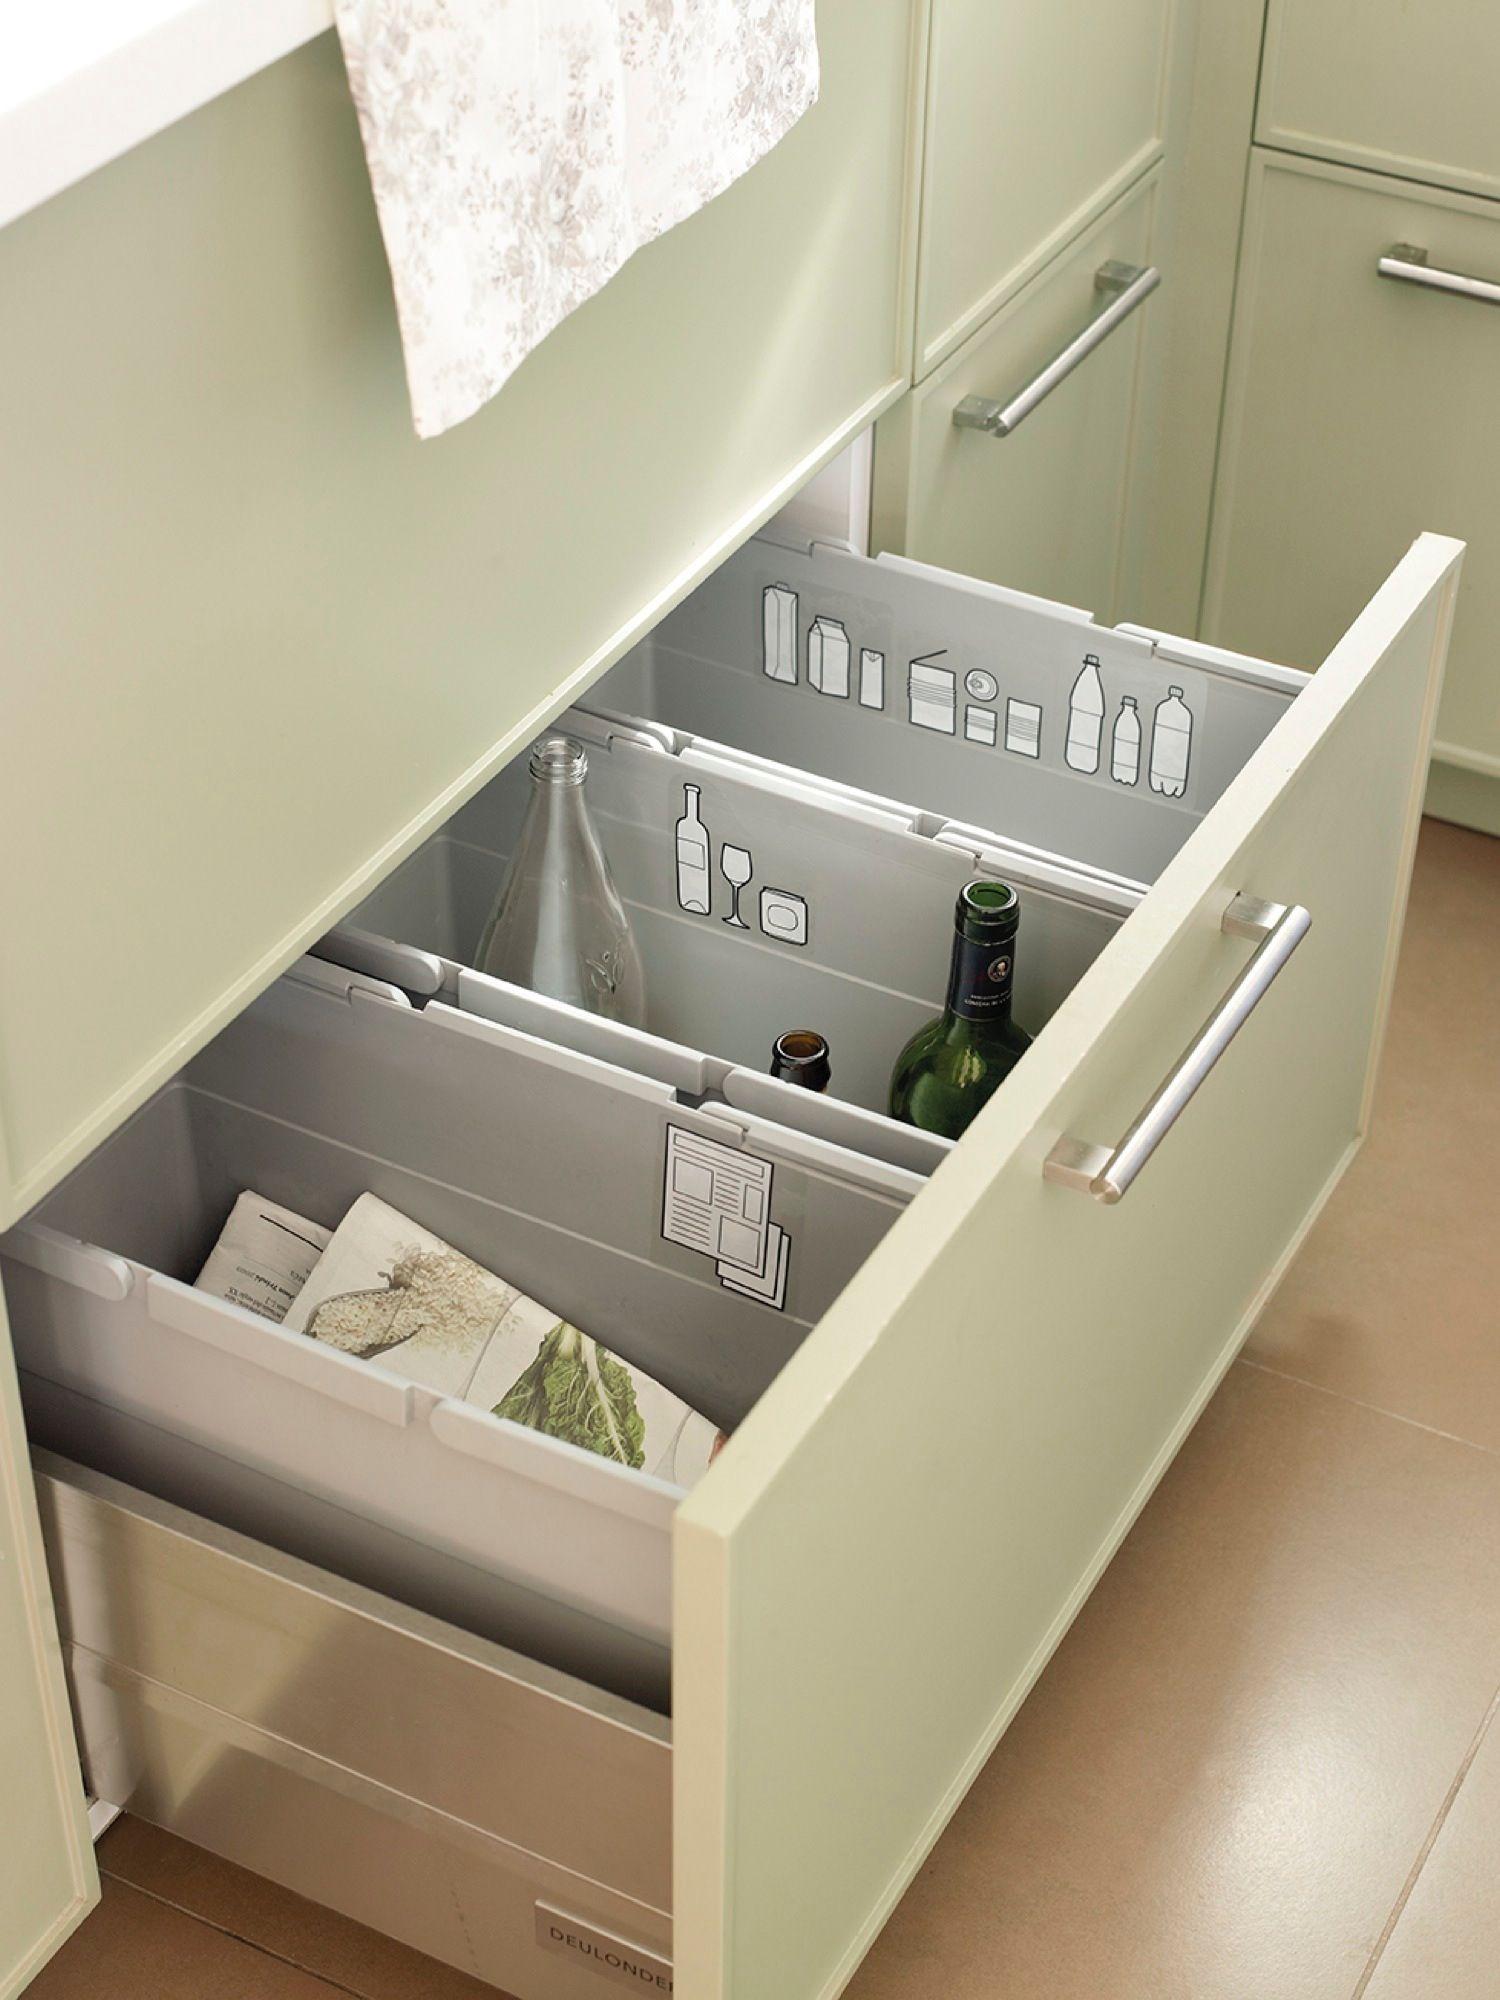 Detalle de caj n de cocina abierto con separadores para el for Separadores cajones cocina